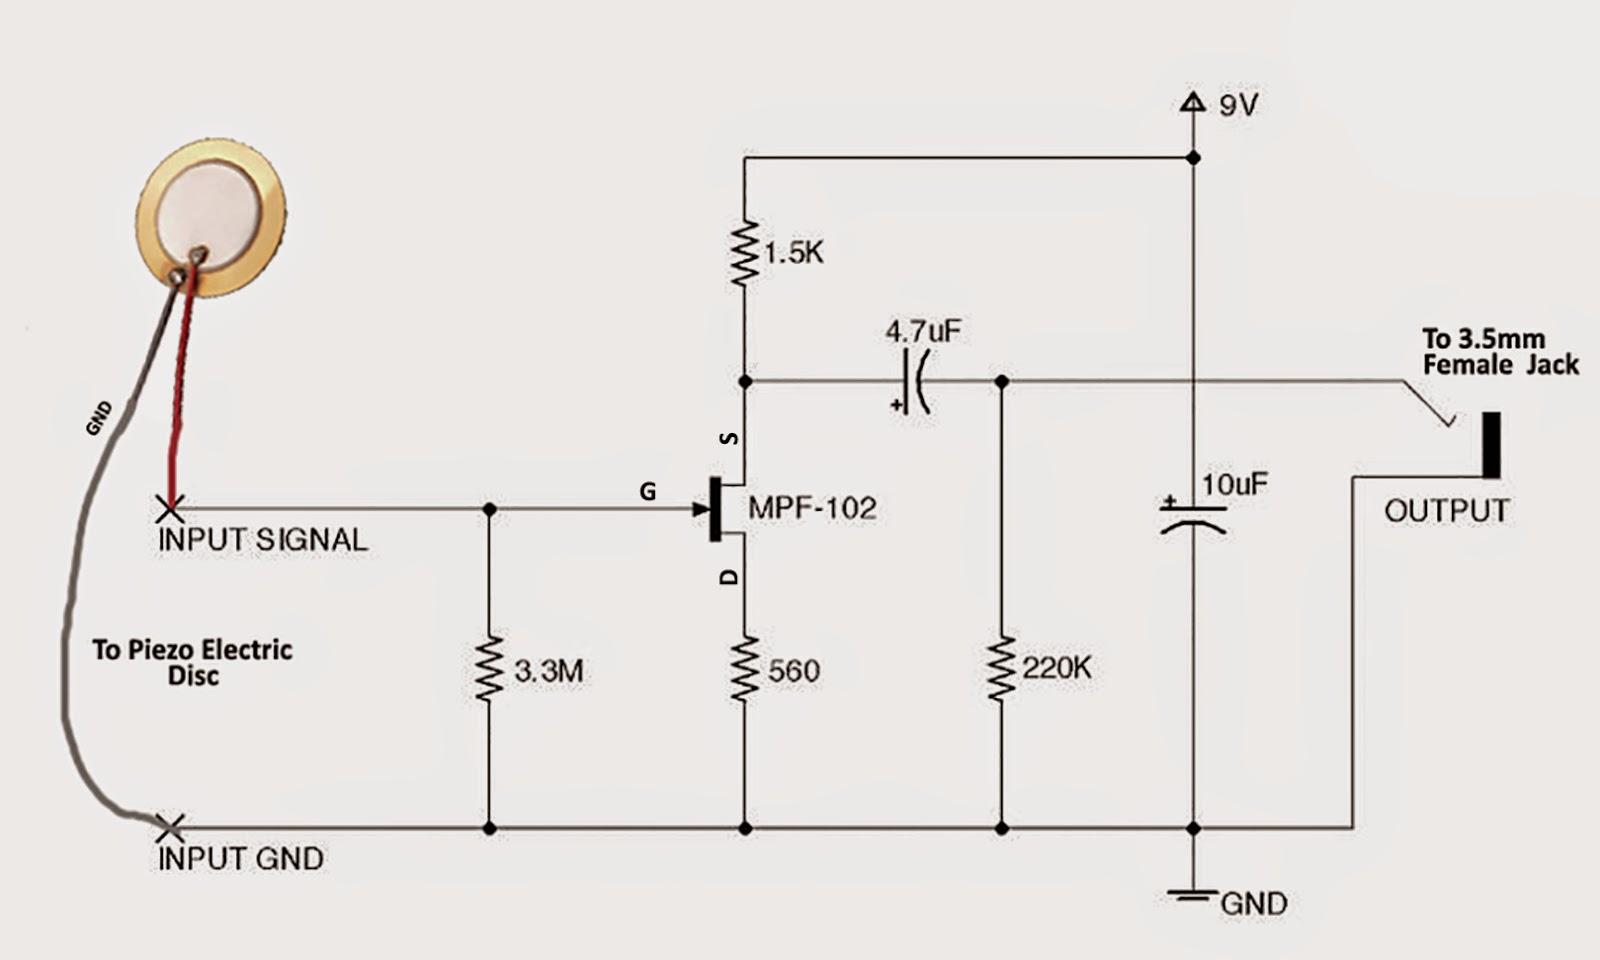 hight resolution of xlr microphone wiring 3 5mm diagram wiring diagram3 5mm stereo to xlr diagram wiring schematic wiring